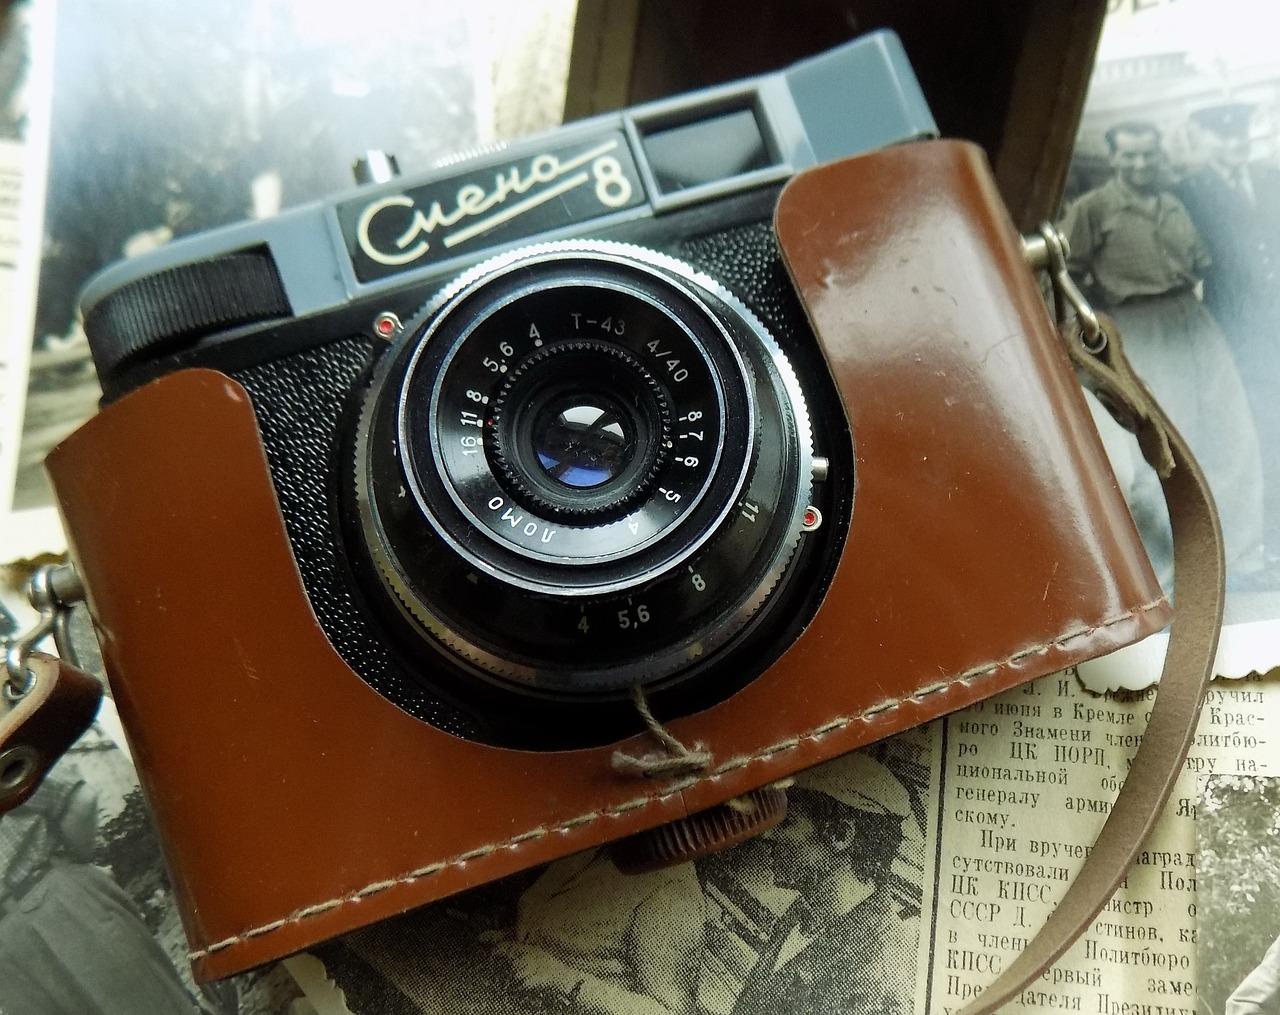 сколько стоит смена м фотоаппарат интернете появились новые